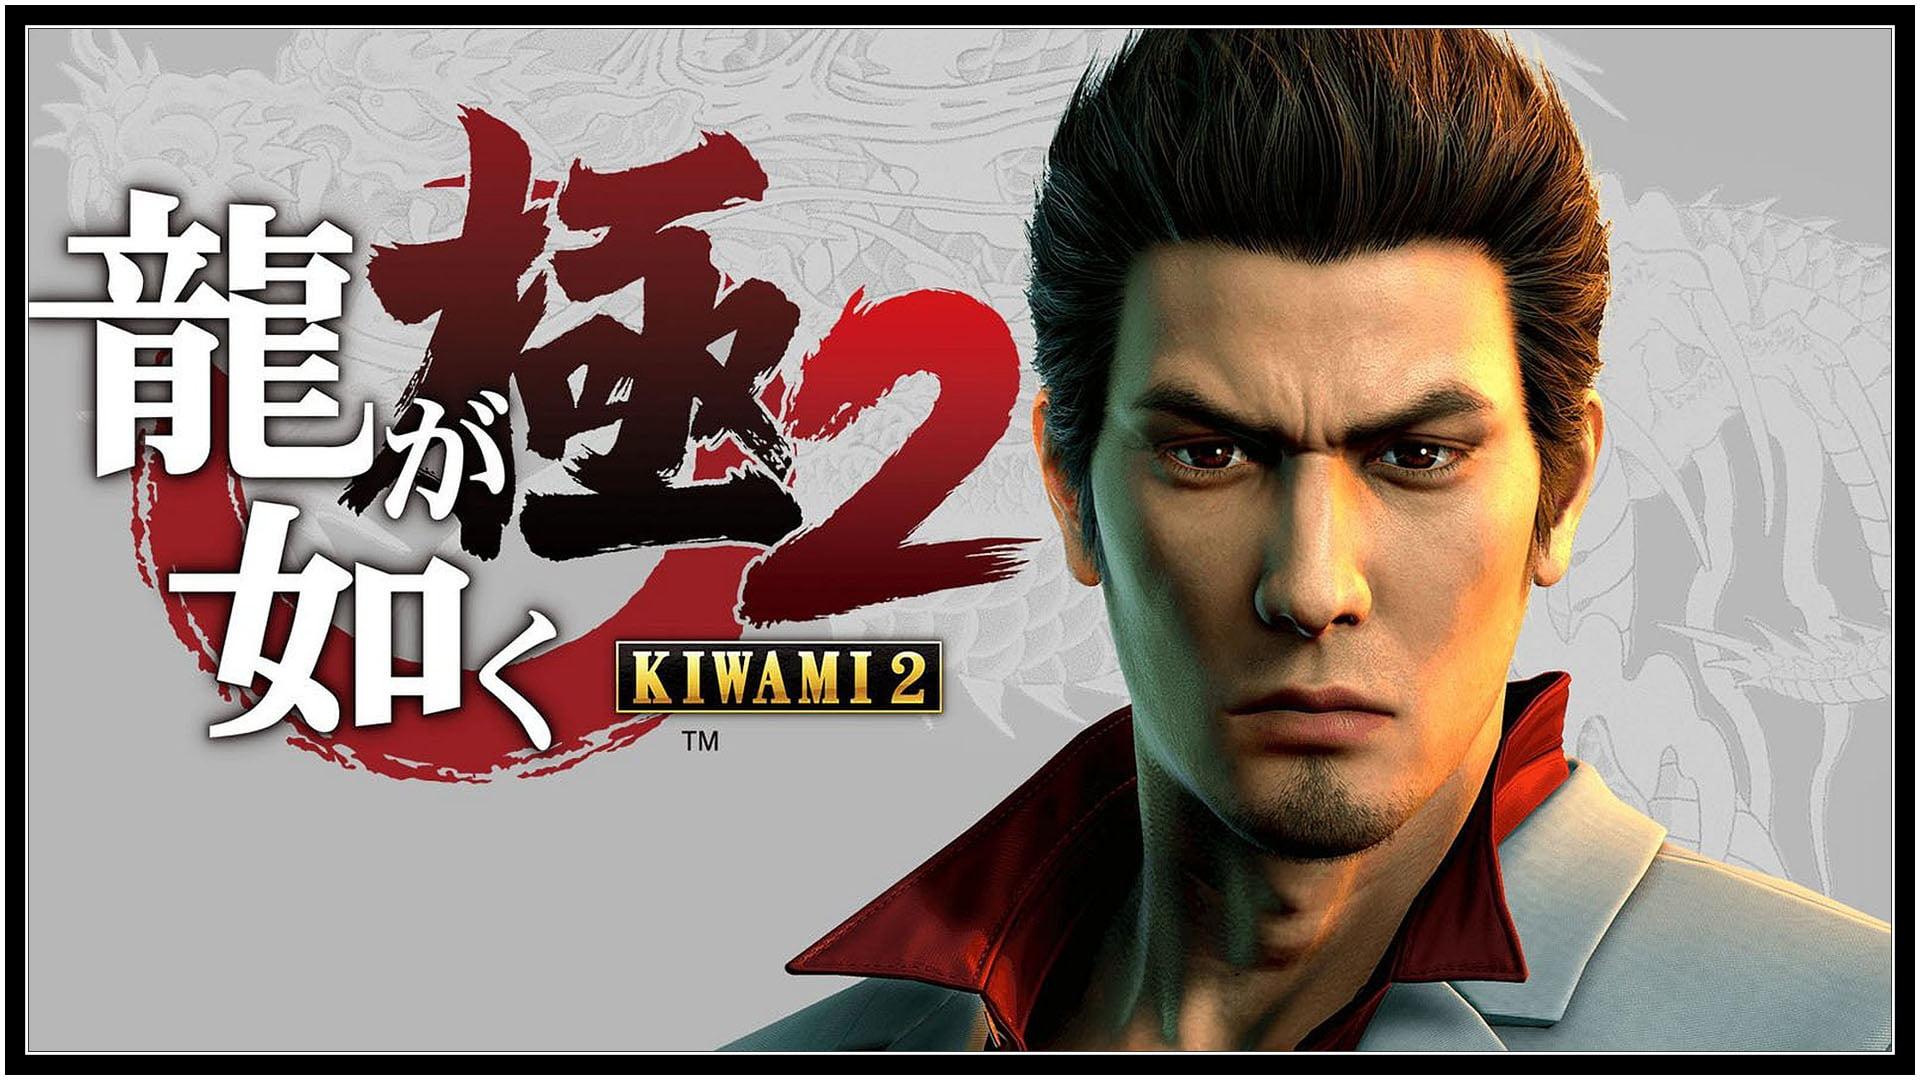 Yakuza Kiwami 2 (PC) Review